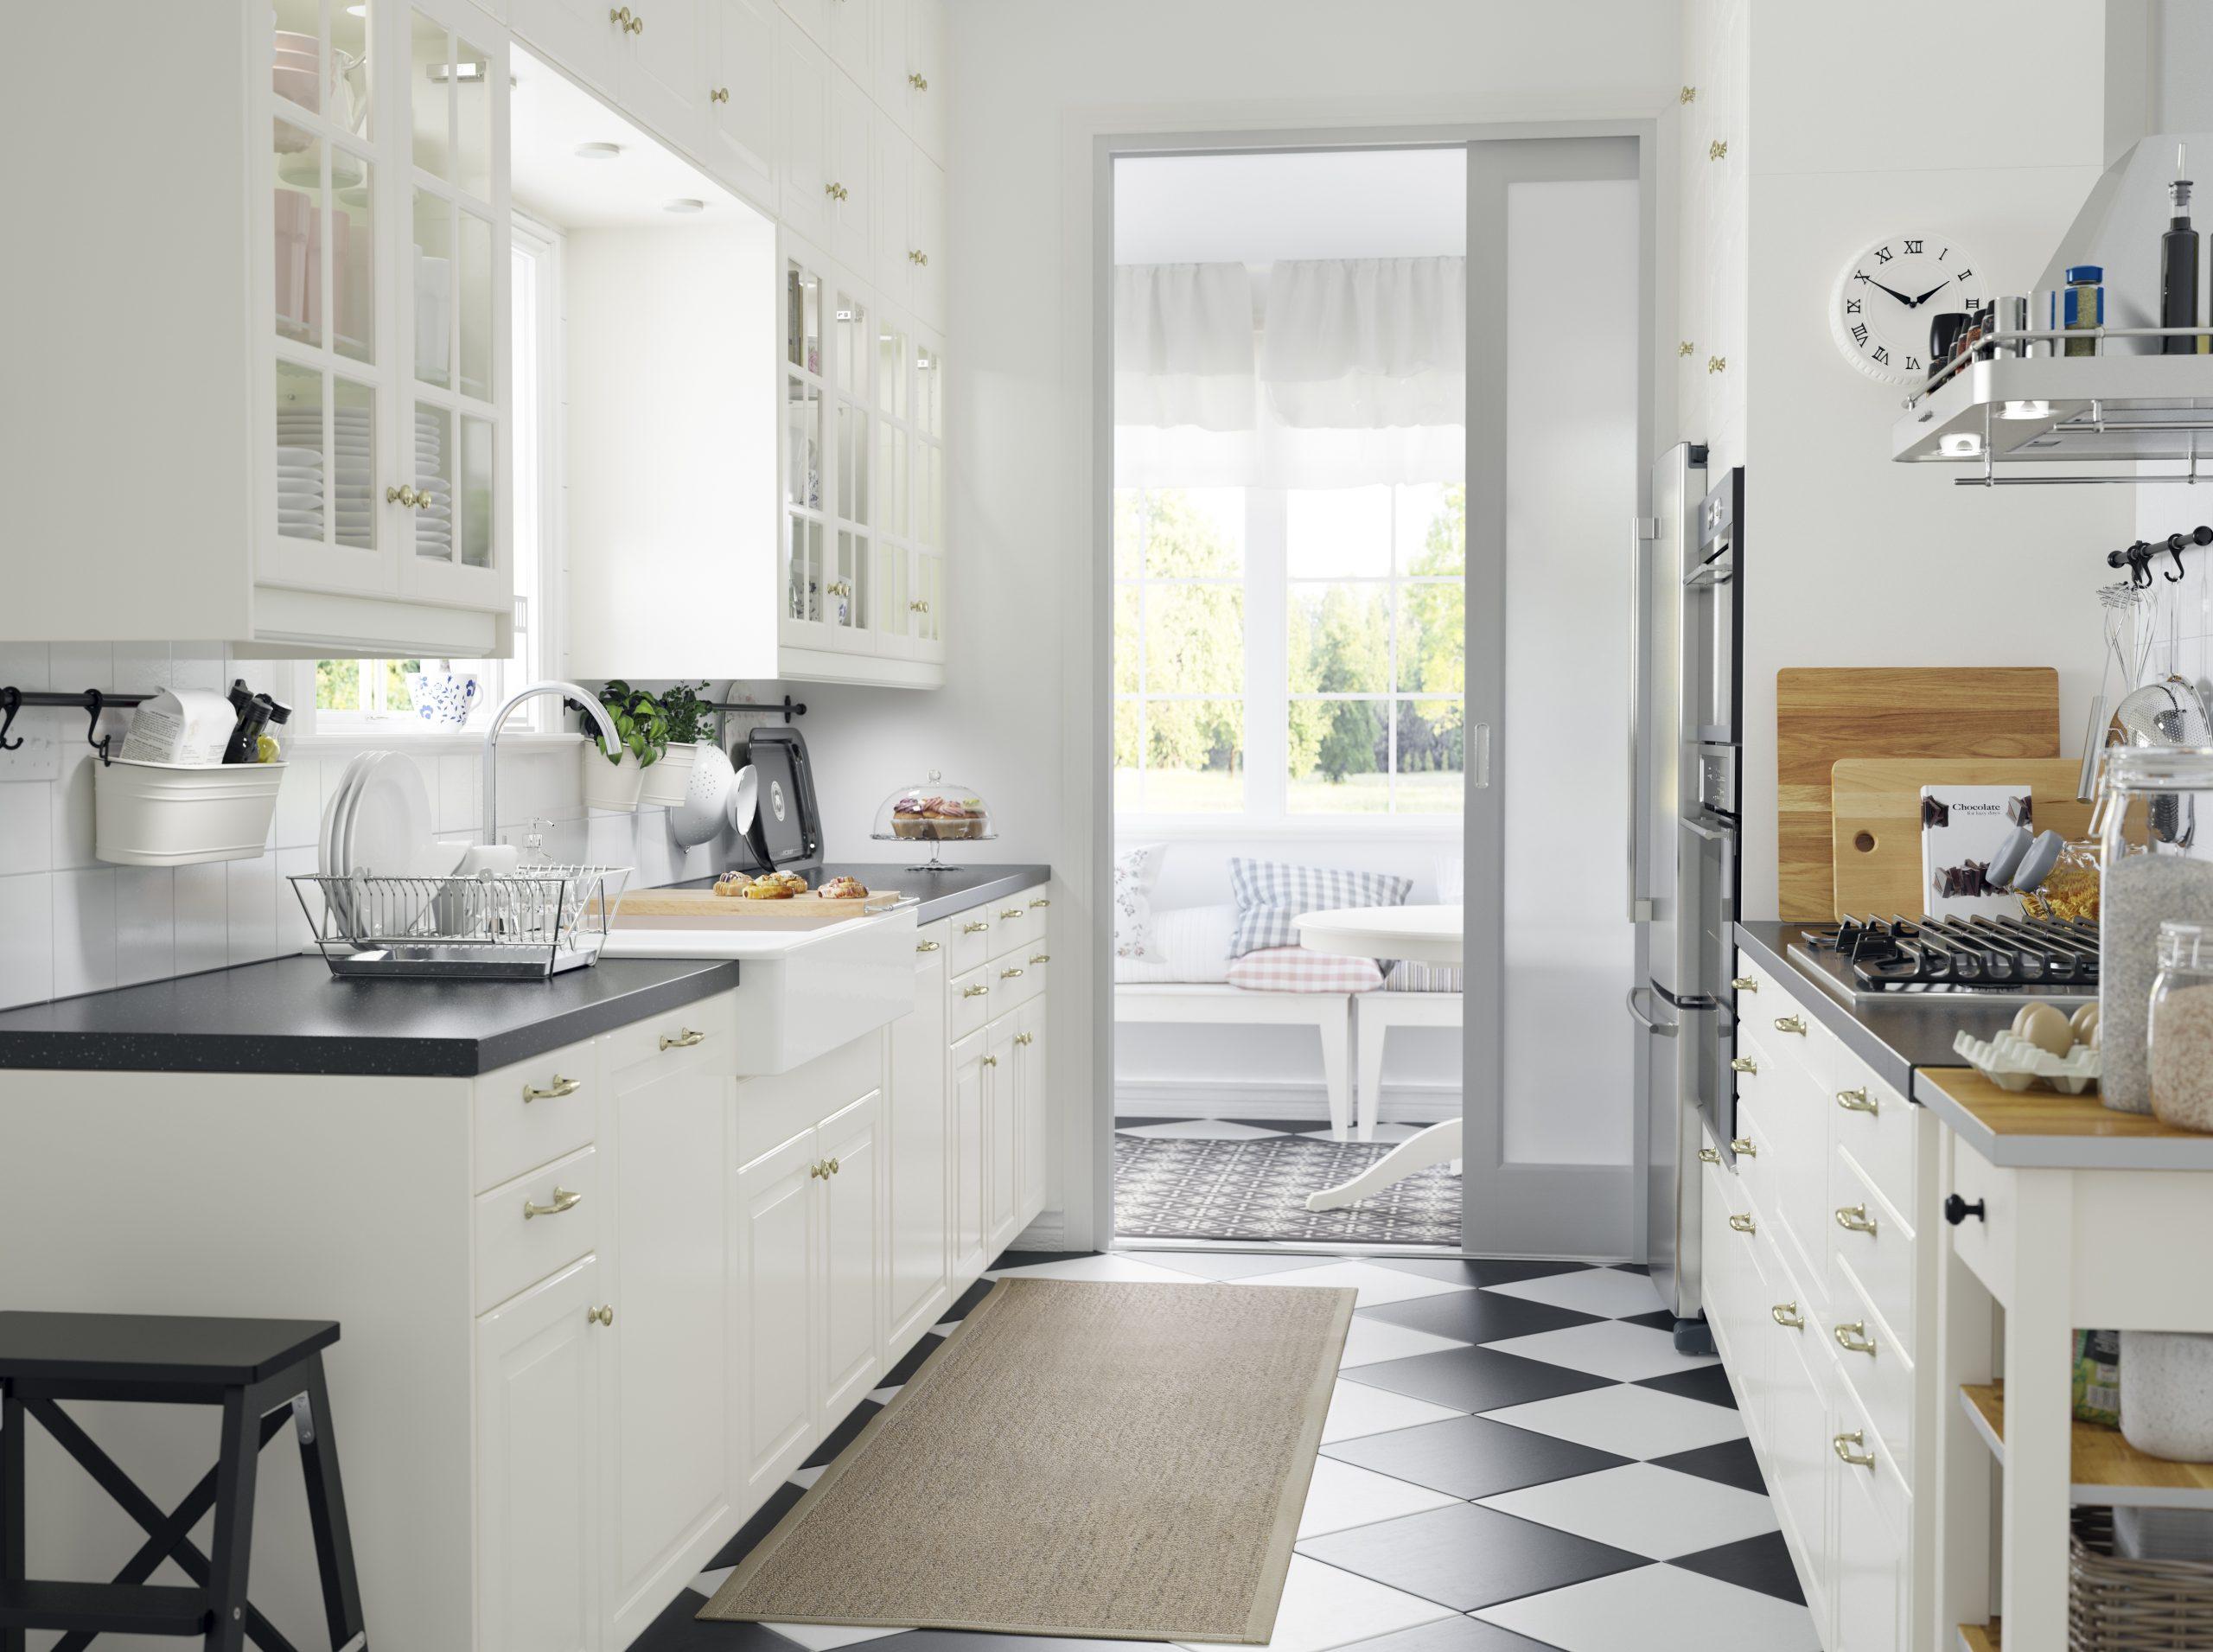 Full Size of Betten Bei Ikea 160x200 Modulküche Küche Kaufen Kosten Sofa Mit Schlaffunktion Miniküche Wohnzimmer Küchenrückwand Ikea